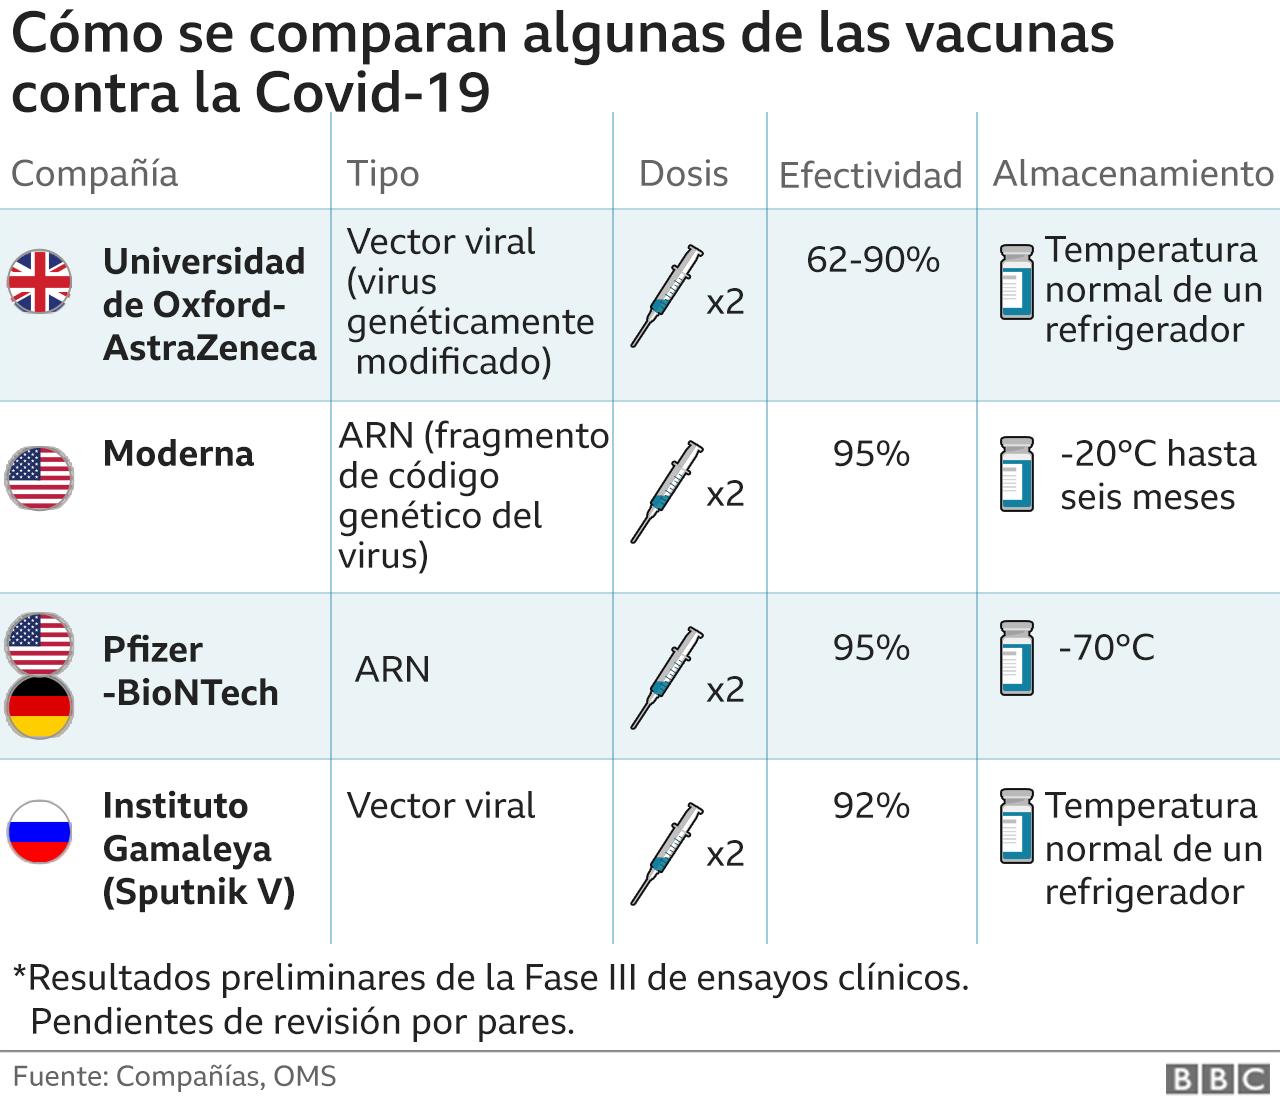 Cómo se comparan las vacunas en la Fase III de los ensayos clínicos